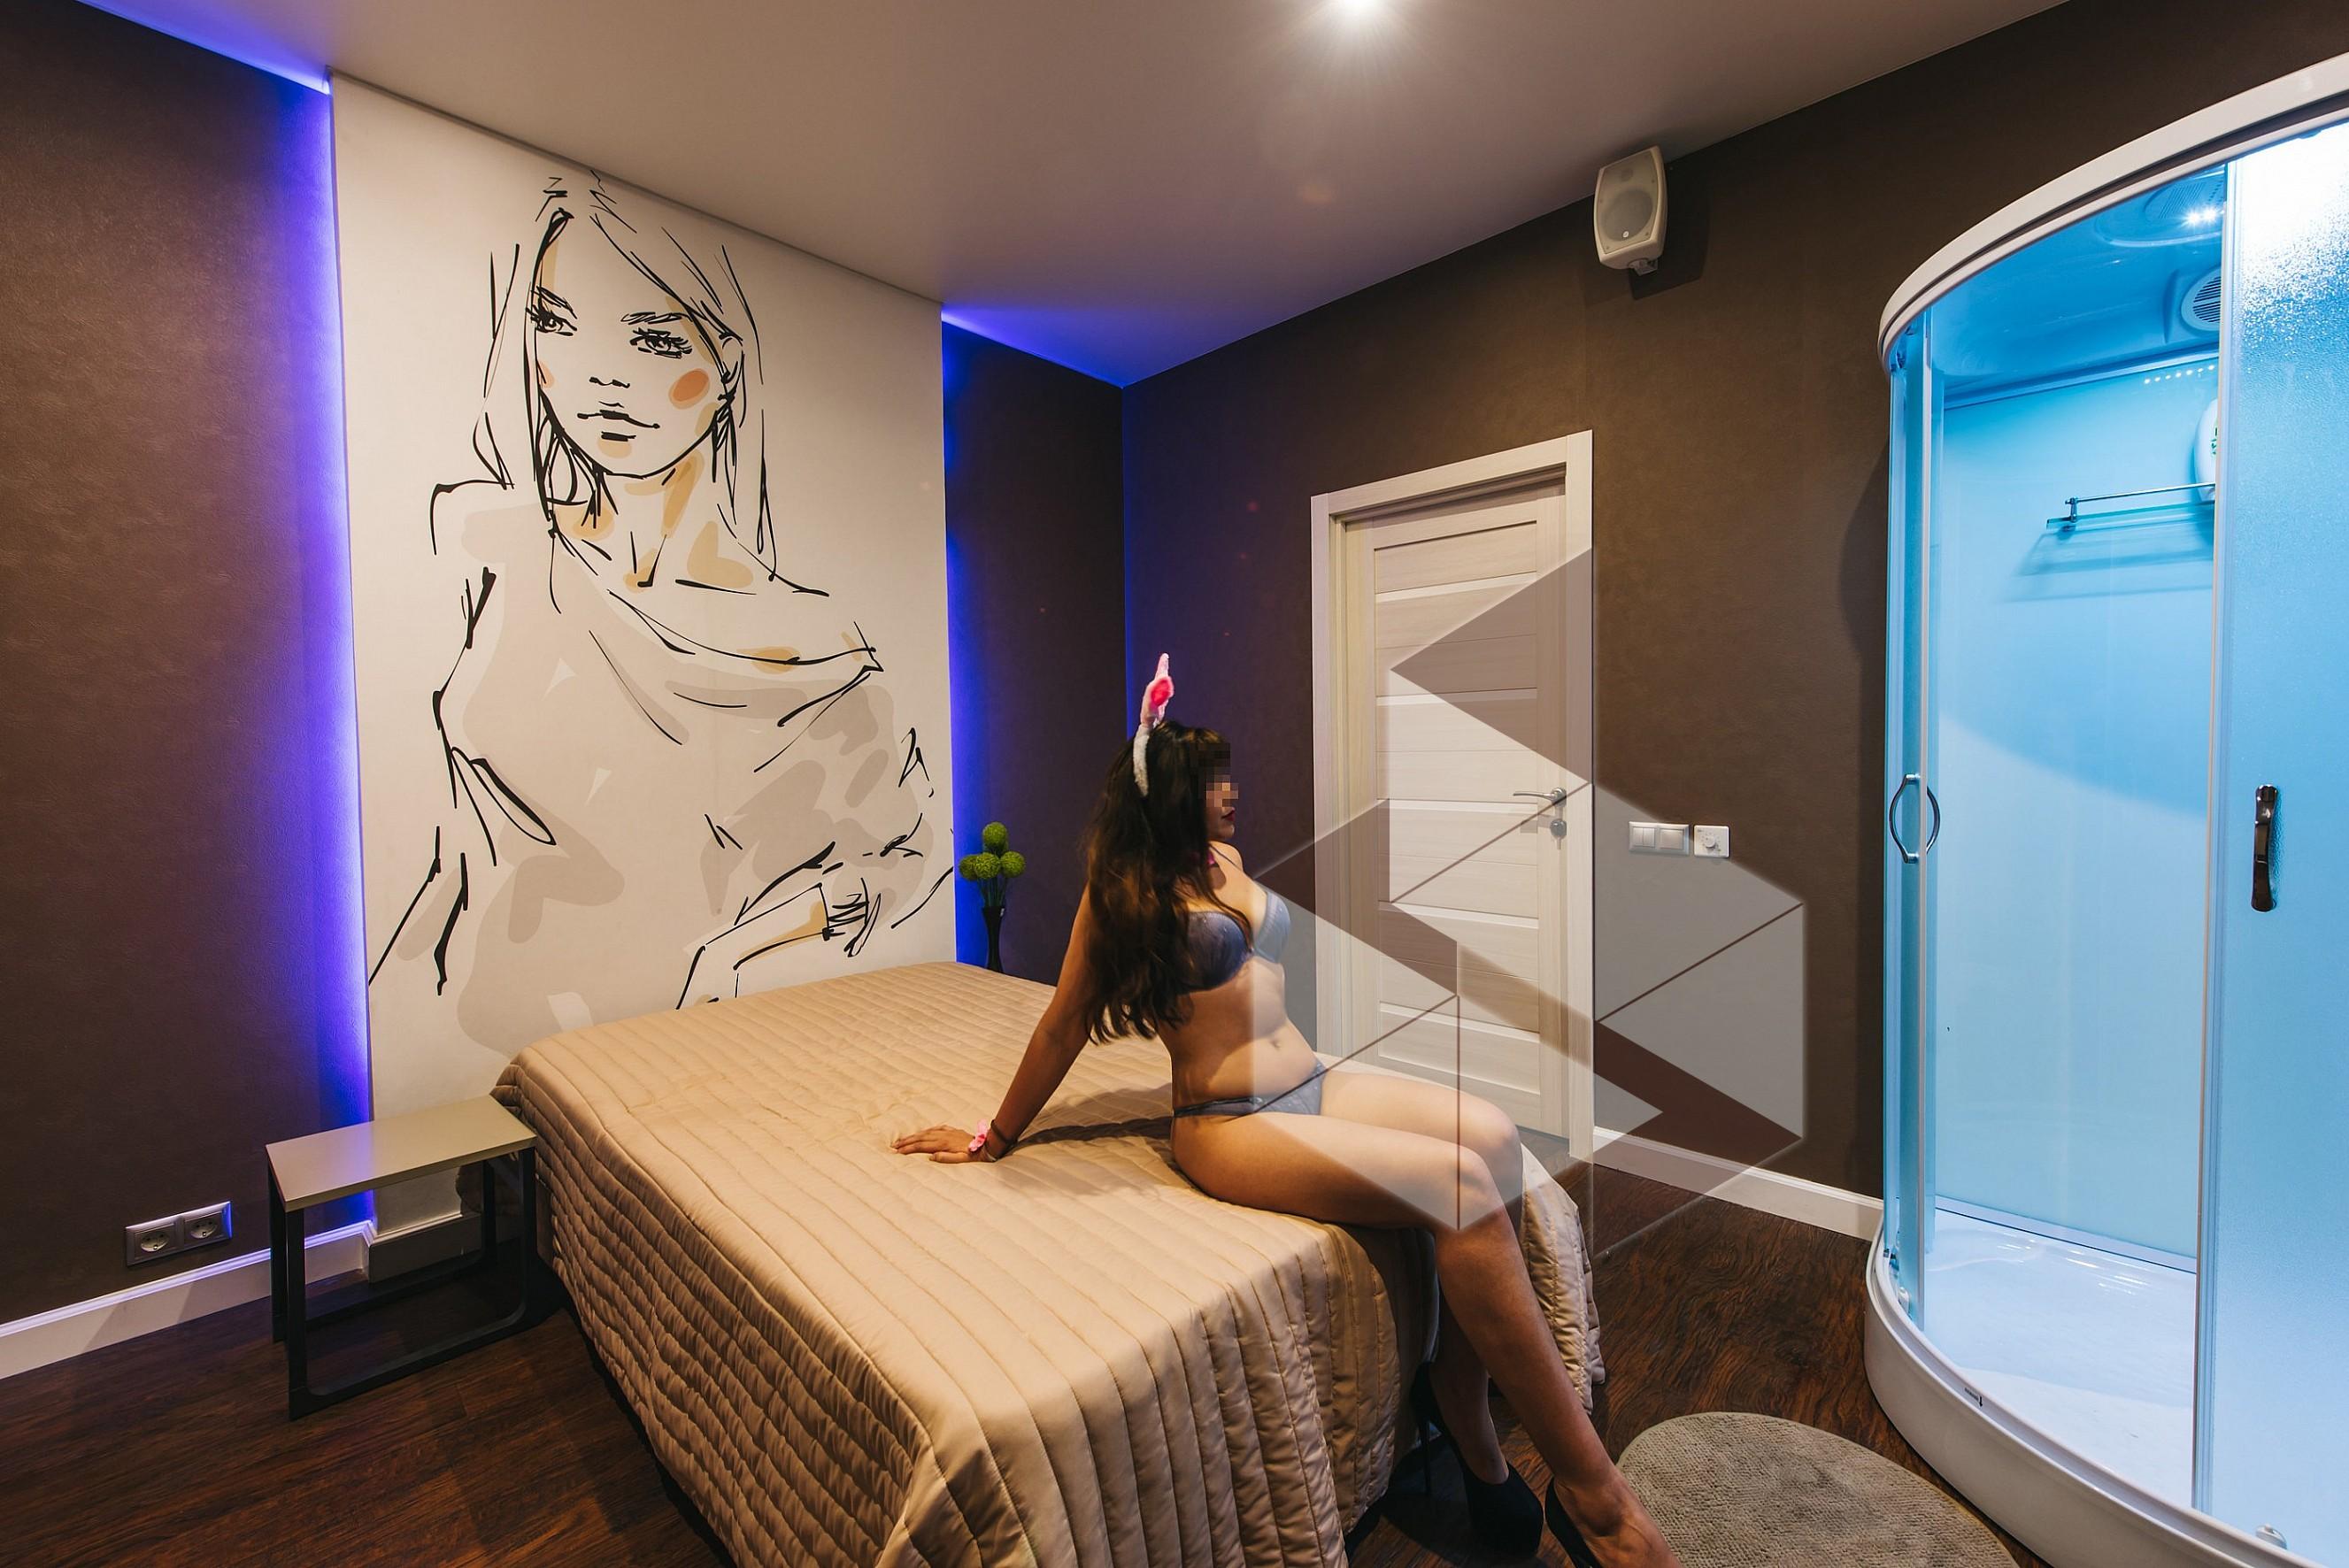 Салон эротического массажа набережная неплохое